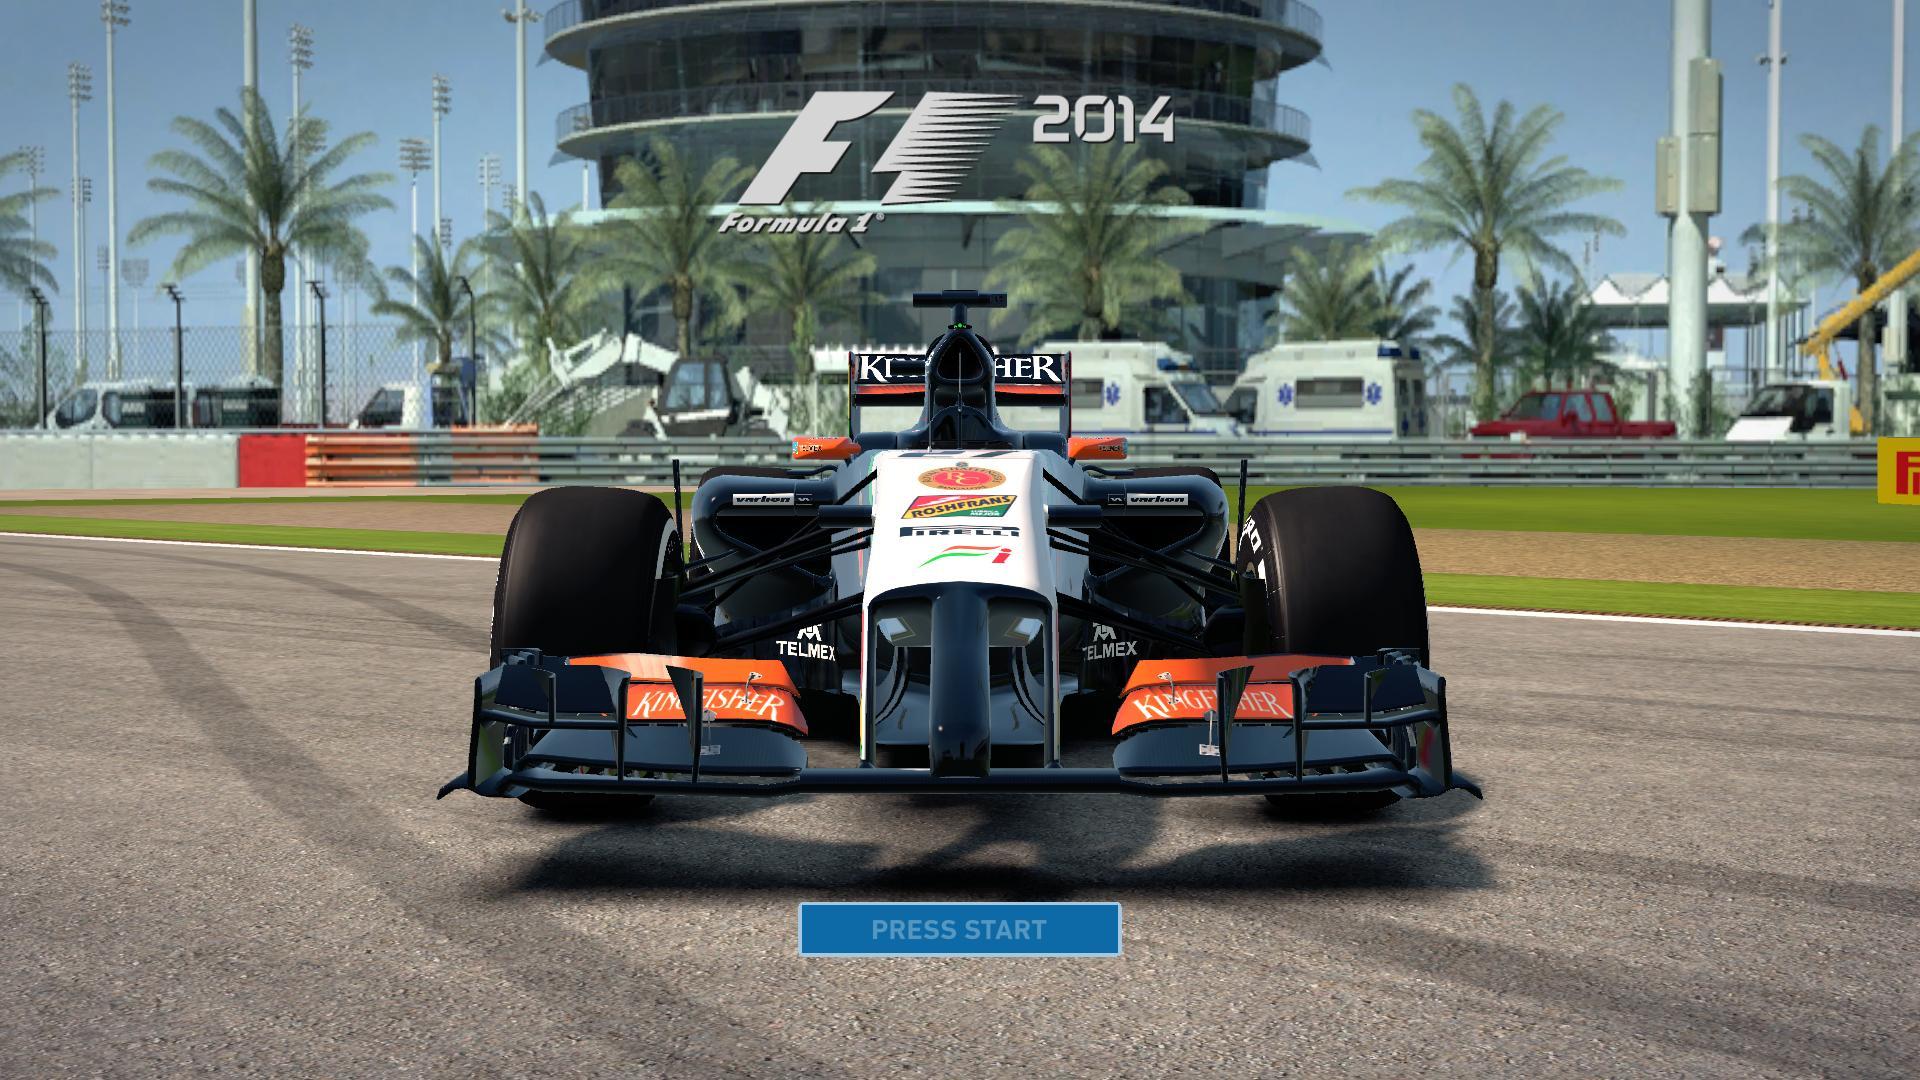 F1_2014 2014-10-18 18-44-49-26.jpg